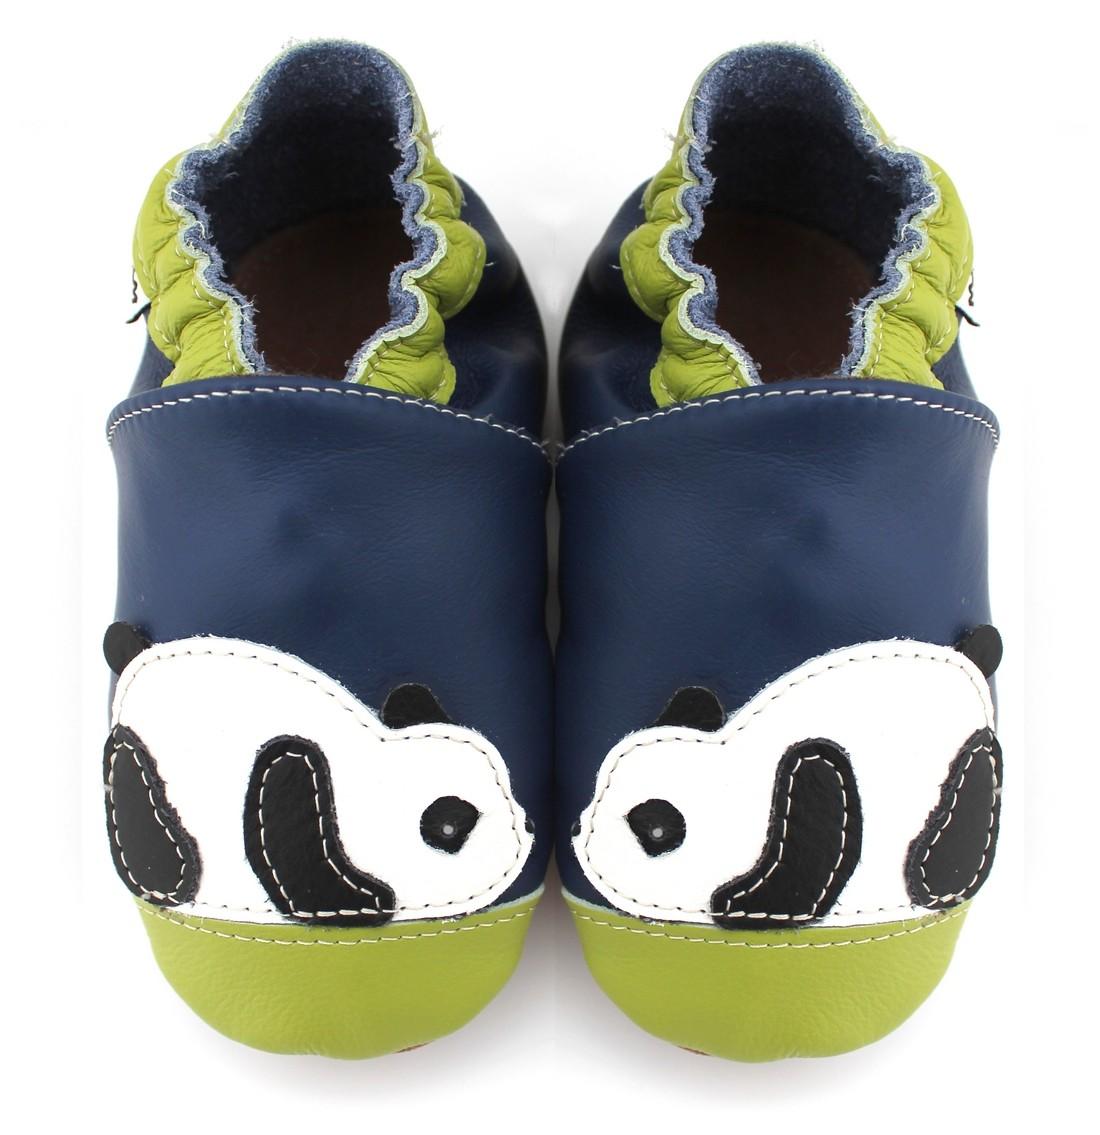 854e4965da534 Chaussons cuir souple Panda bleu vert - Vente en ligne MéliMélobio